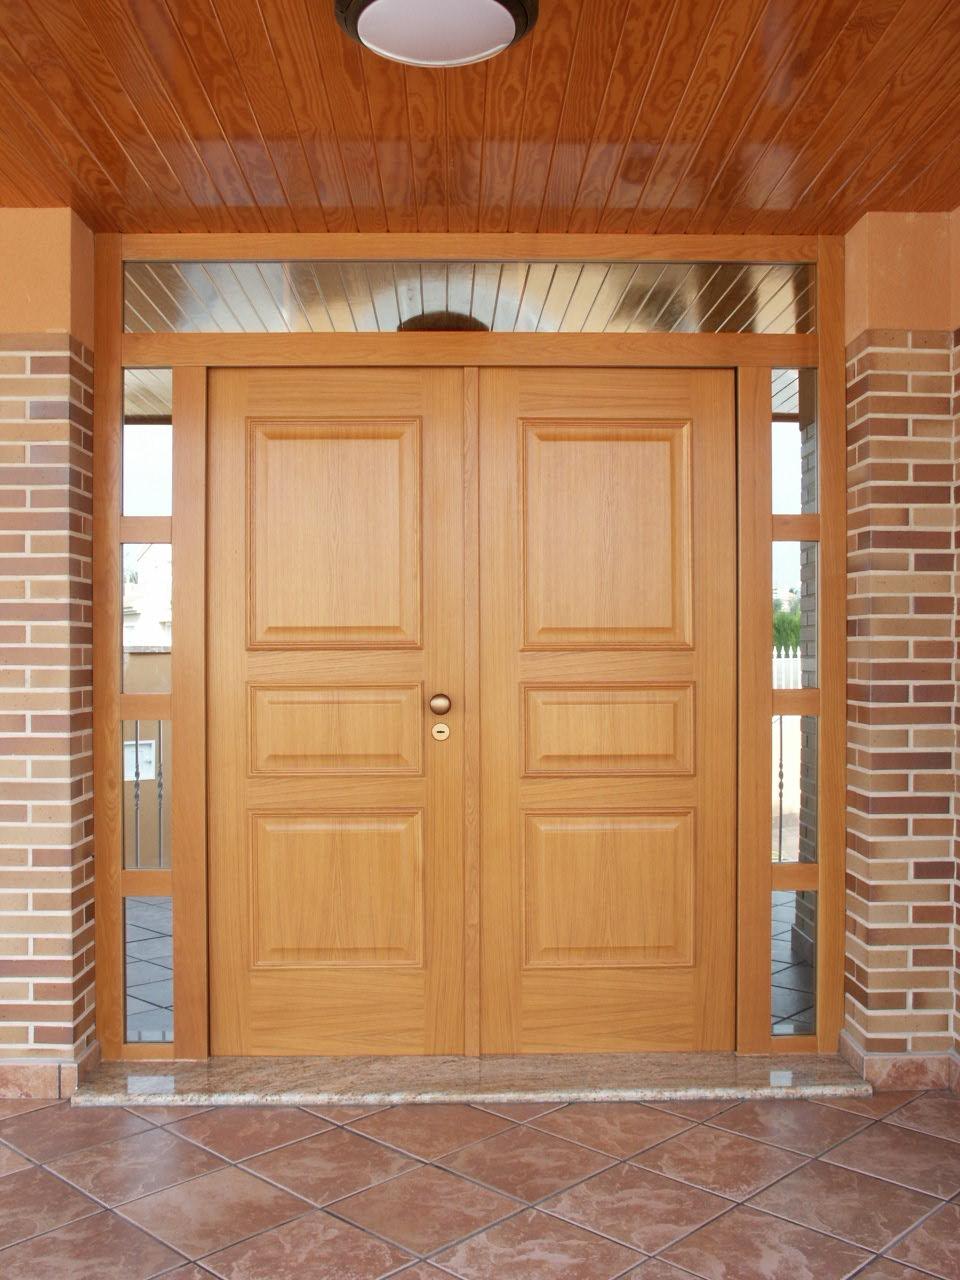 Galer a de fotos y ejemplos de puertas tecemur for Puertas dobles de madera